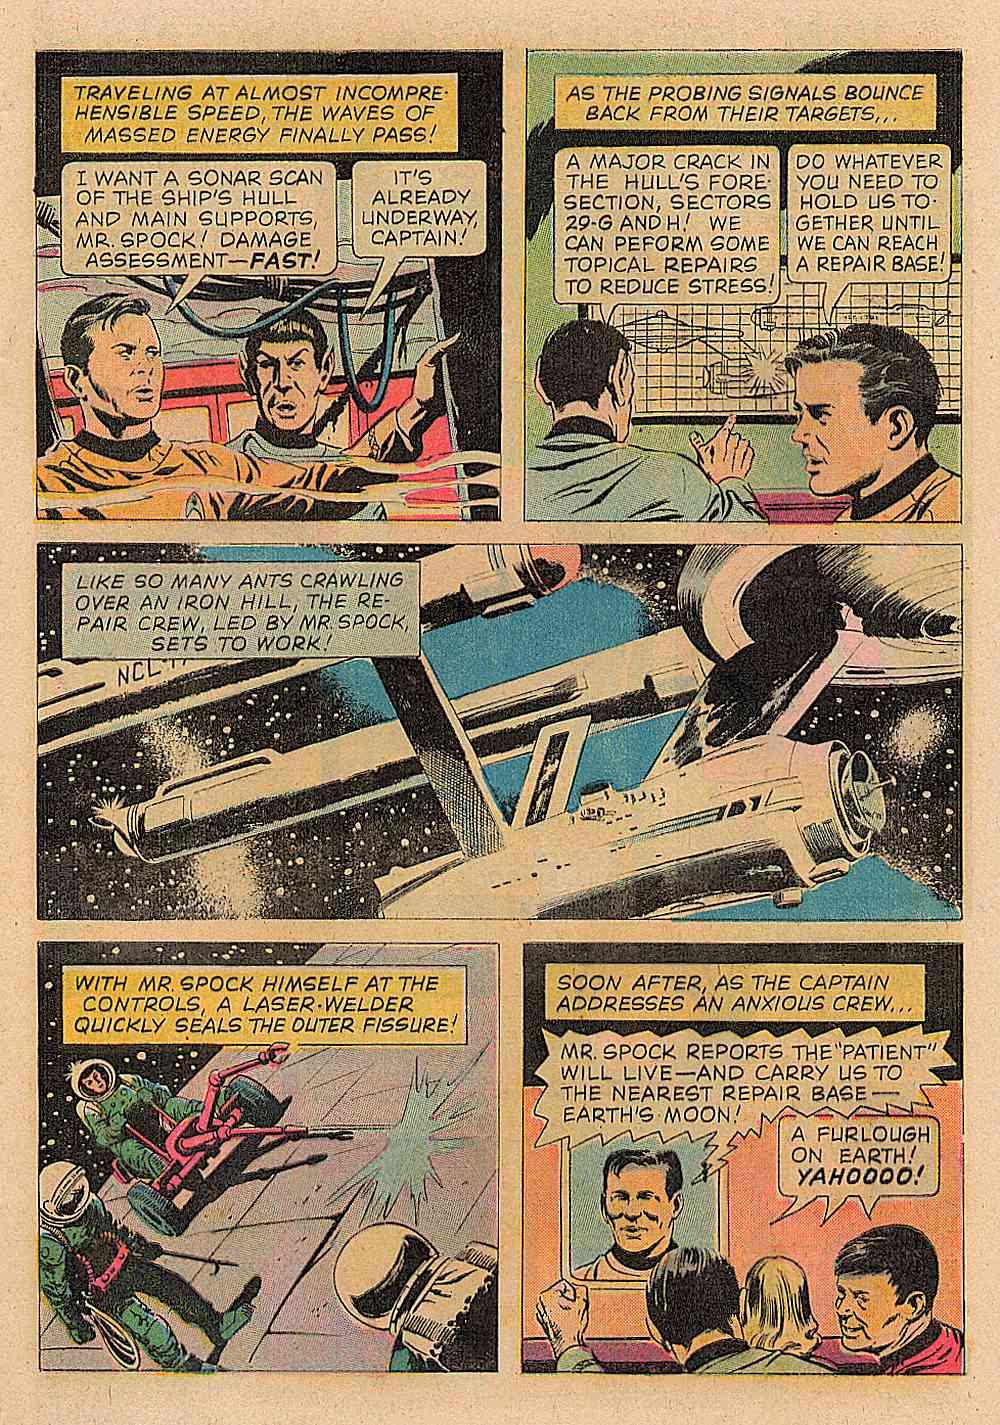 Star Trek (1967) issue 40 - Page 5